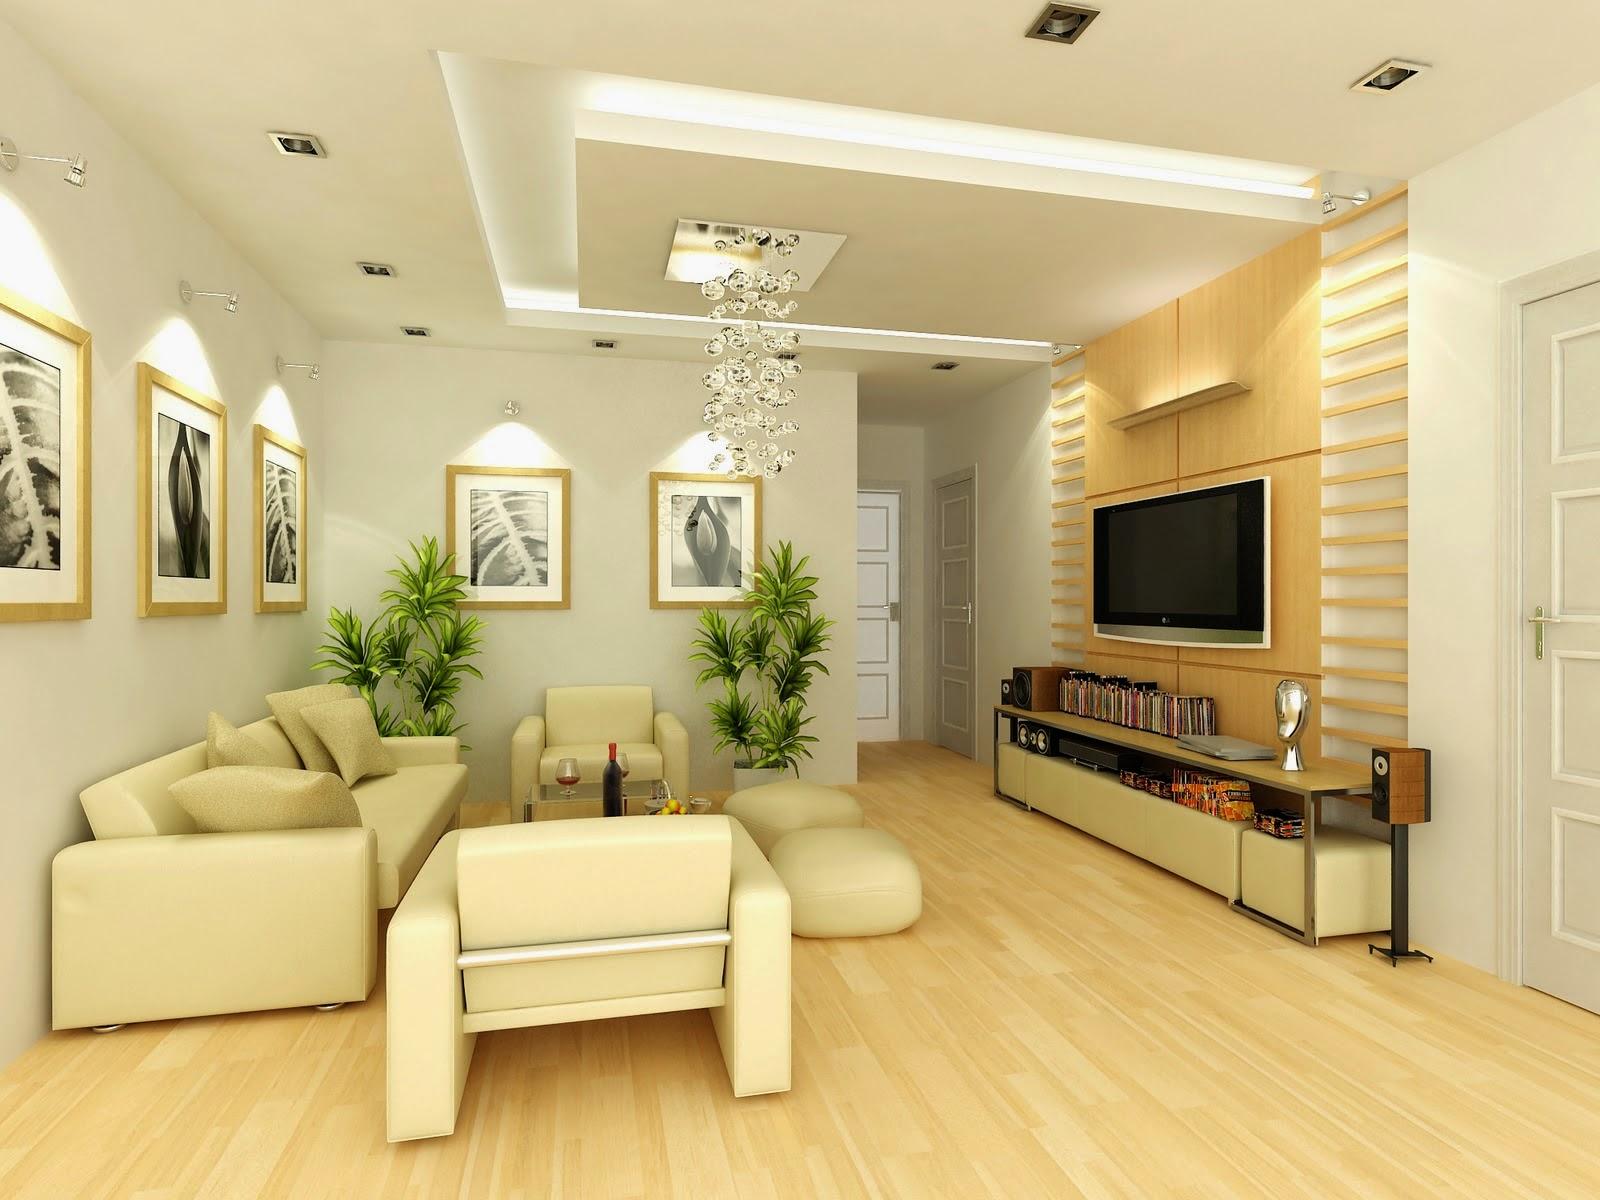 Kết quả hình ảnh cho nội thất nhà đẹp